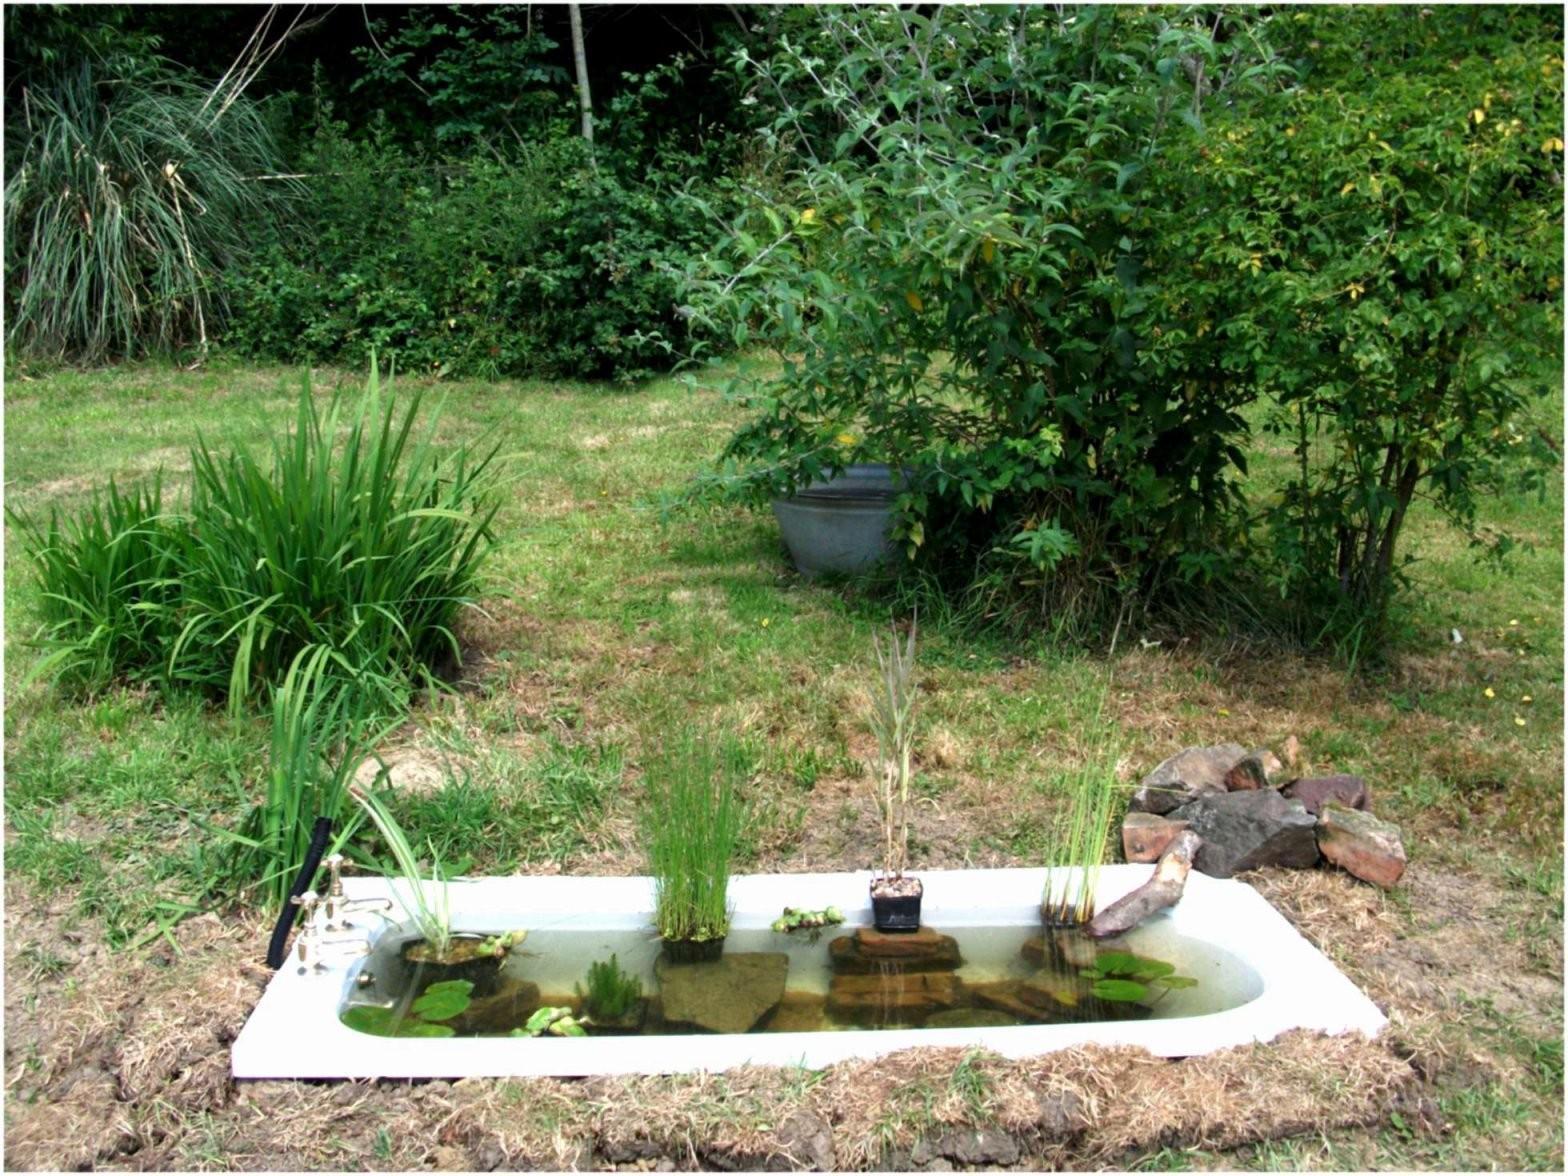 Garten Badewanne Genial 42 Genial Wasserfall Garten Bilder Stock von Badewanne Für Den Garten Photo